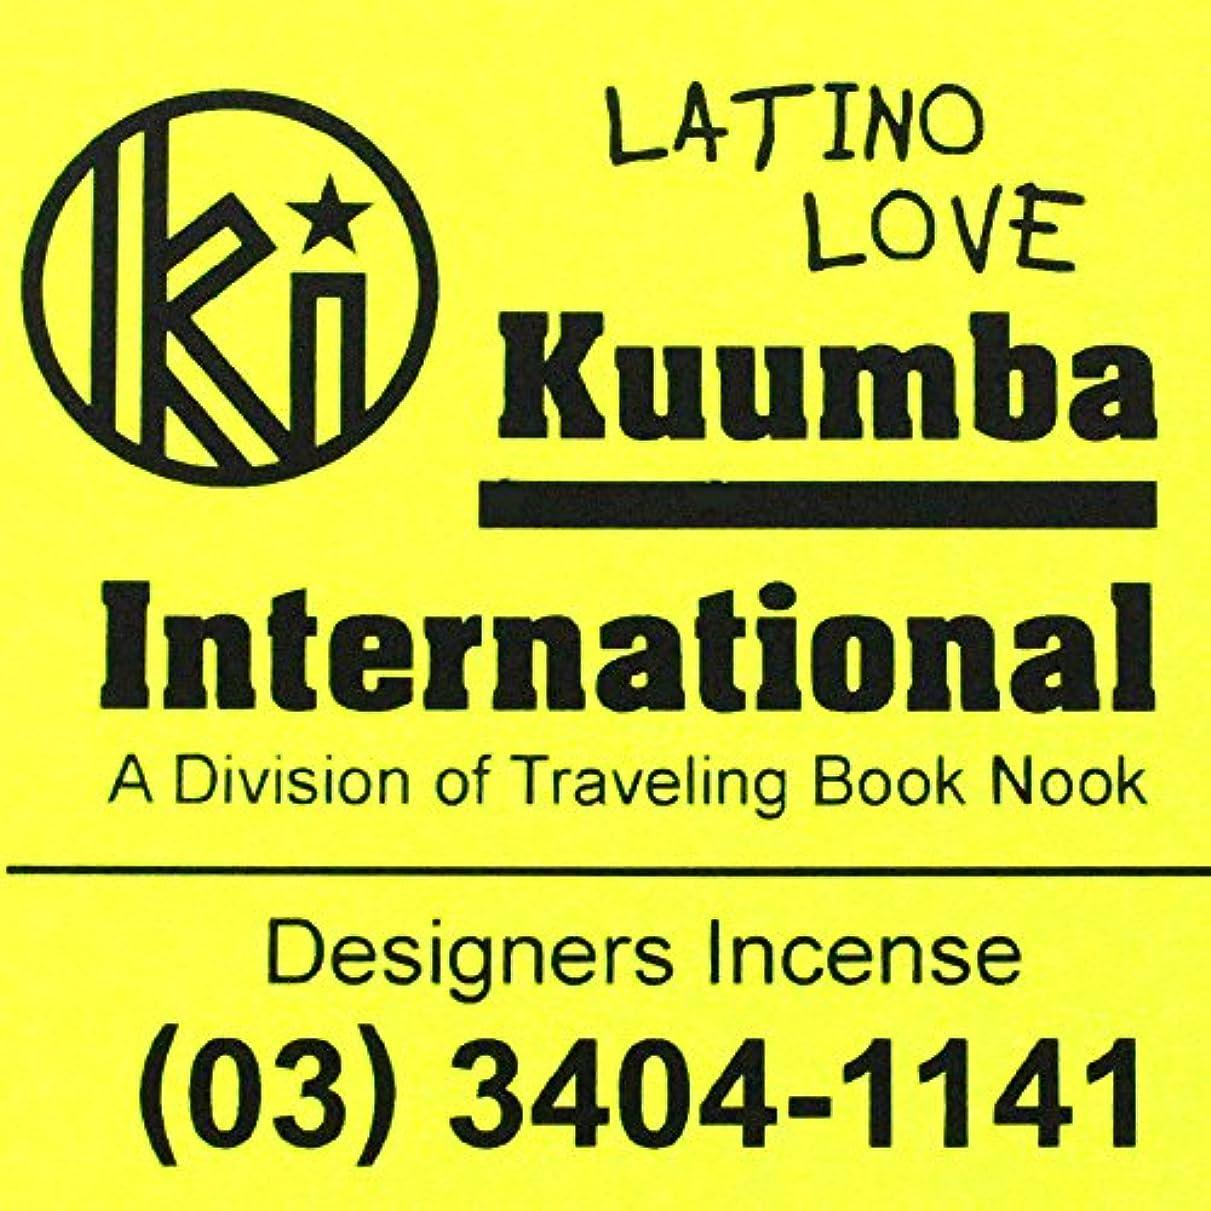 副産物魅惑するコミット(クンバ) KUUMBA『incense』(LATINO LOVE) (Regular size)